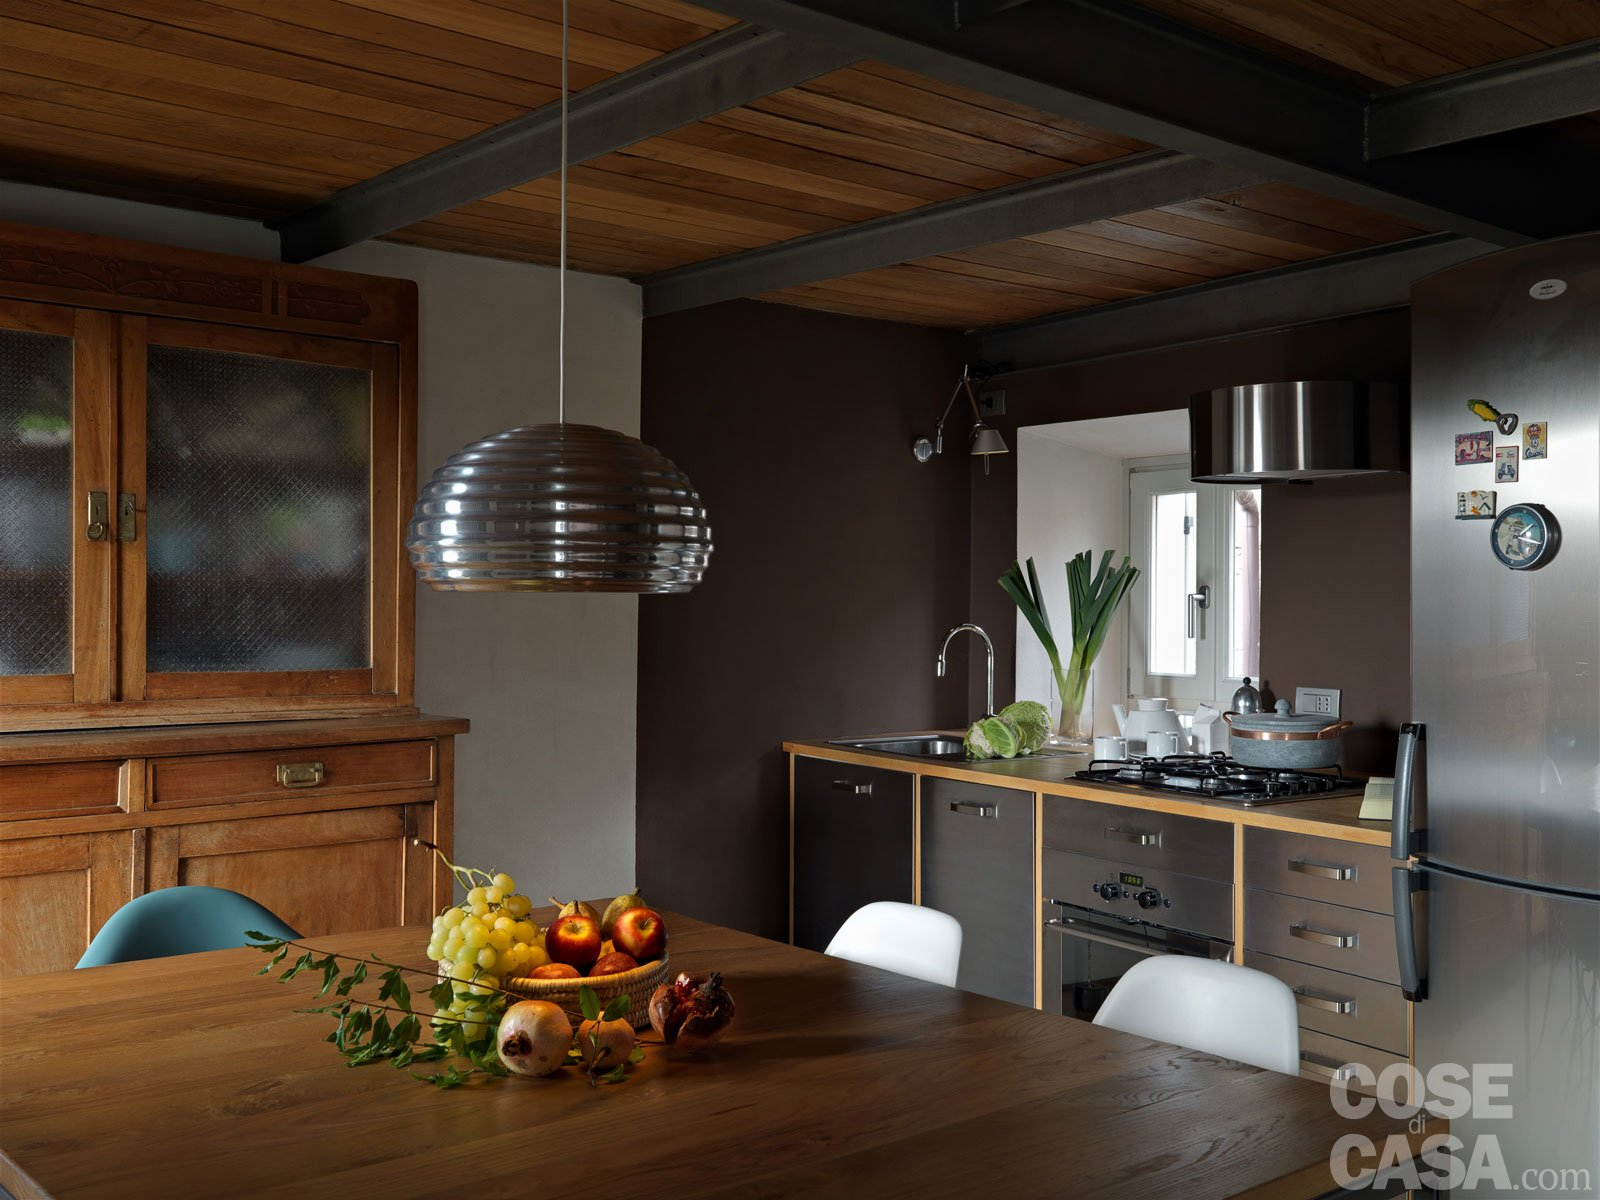 65 mq una casa che si sviluppa in verticale cose di casa for Renovation petite maison de ville